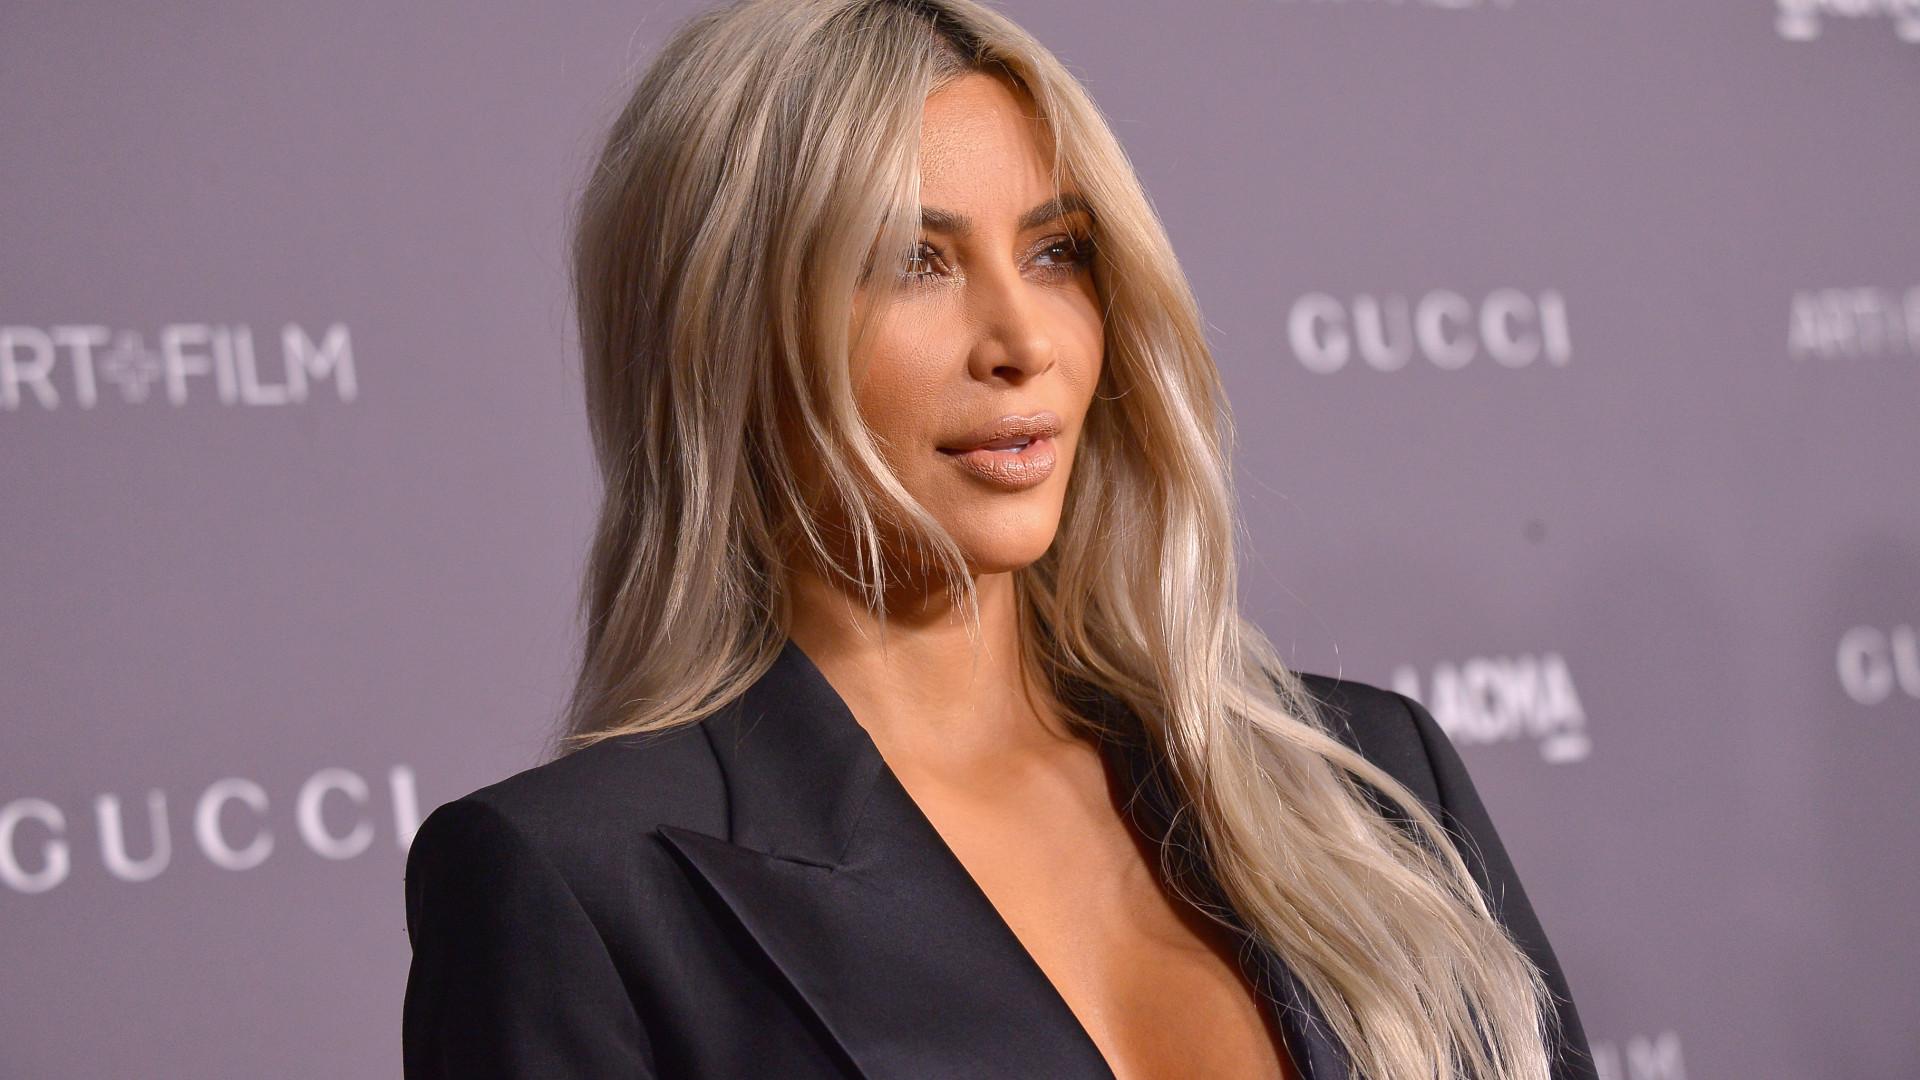 Kim Kardashian leiloa roupas e acessórios por uma boa causa